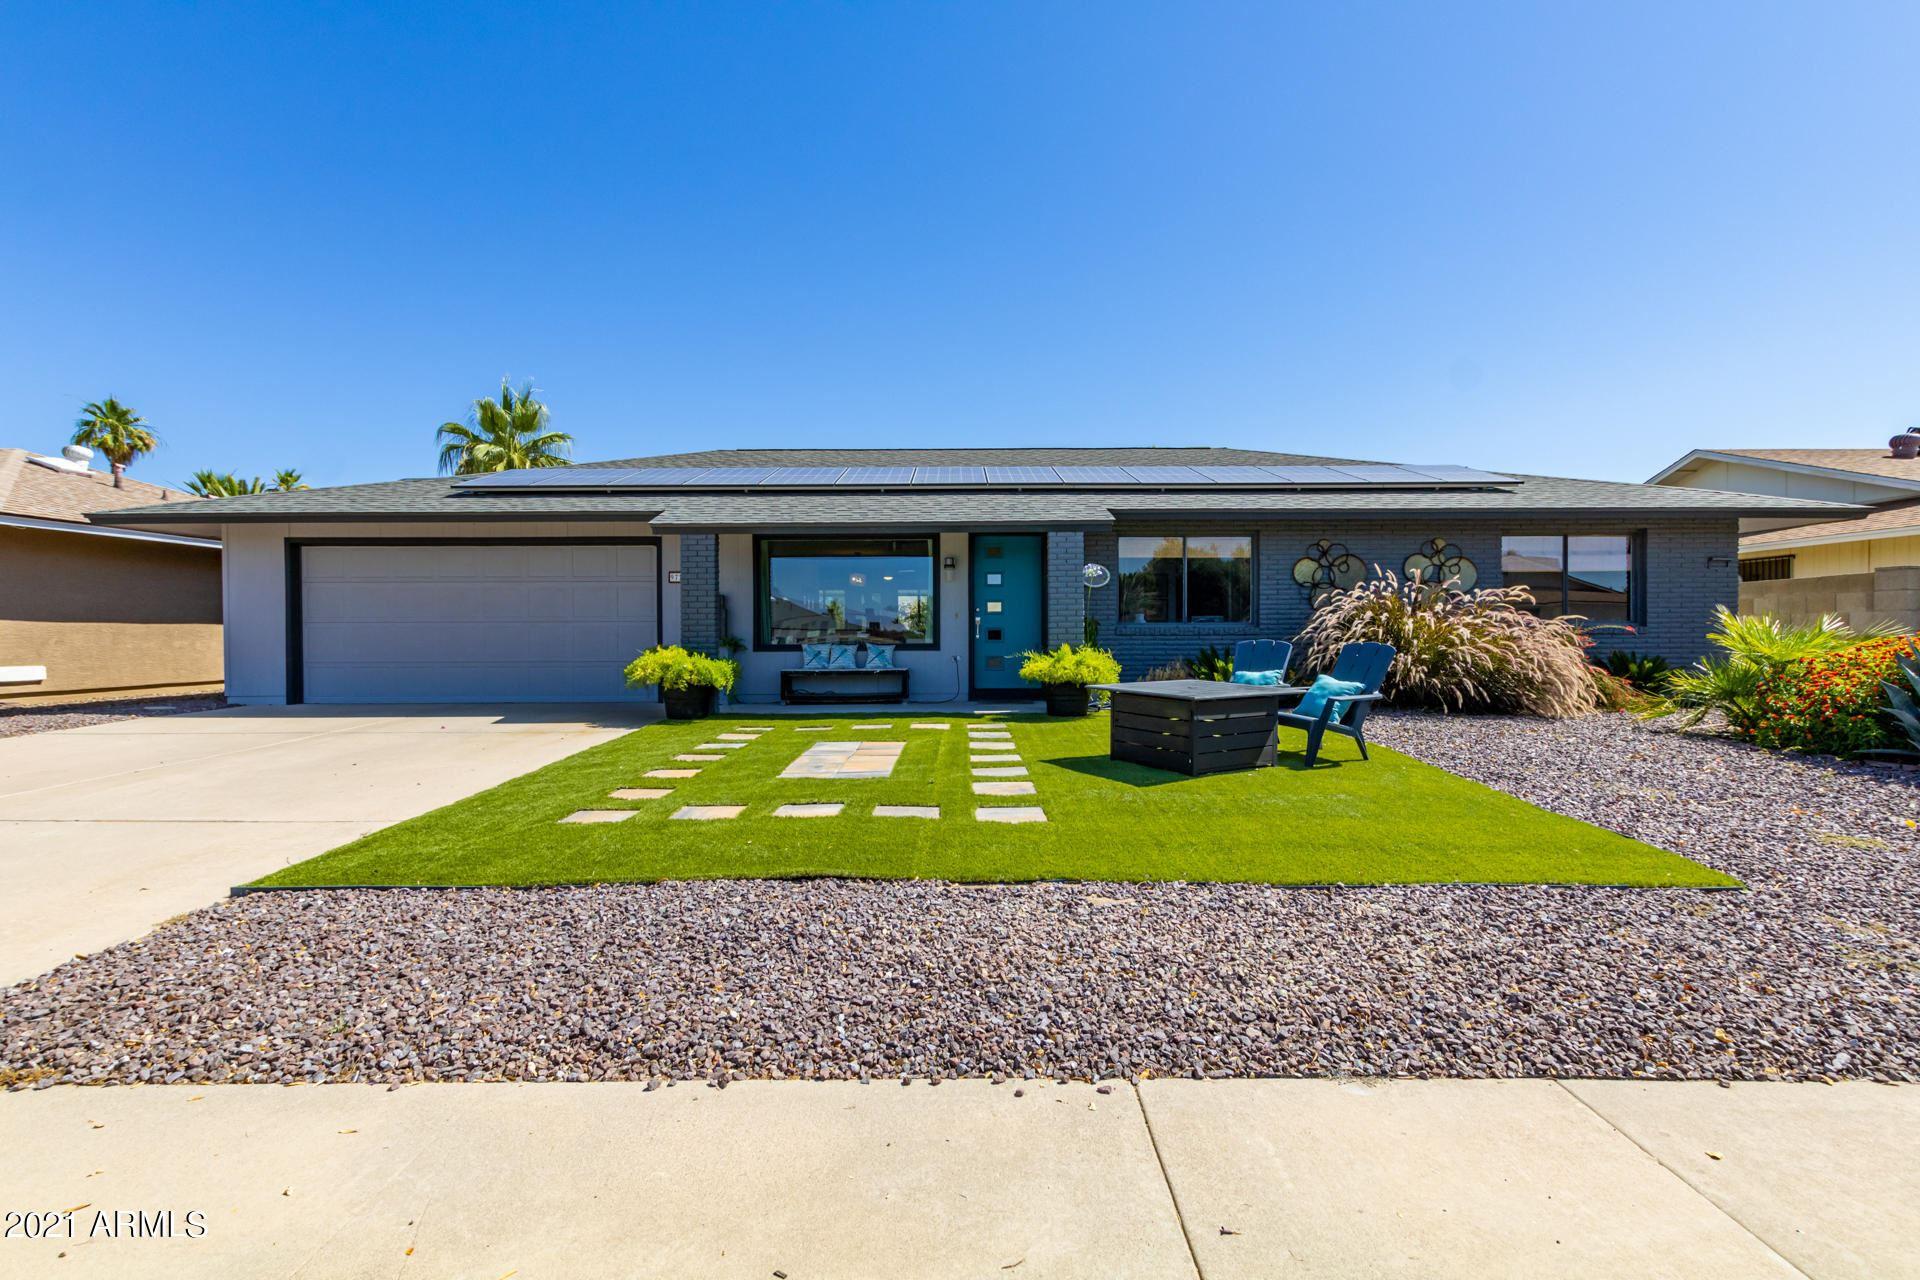 9724 W RIVIERA Drive, Sun City, AZ 85351 - MLS#: 6245024